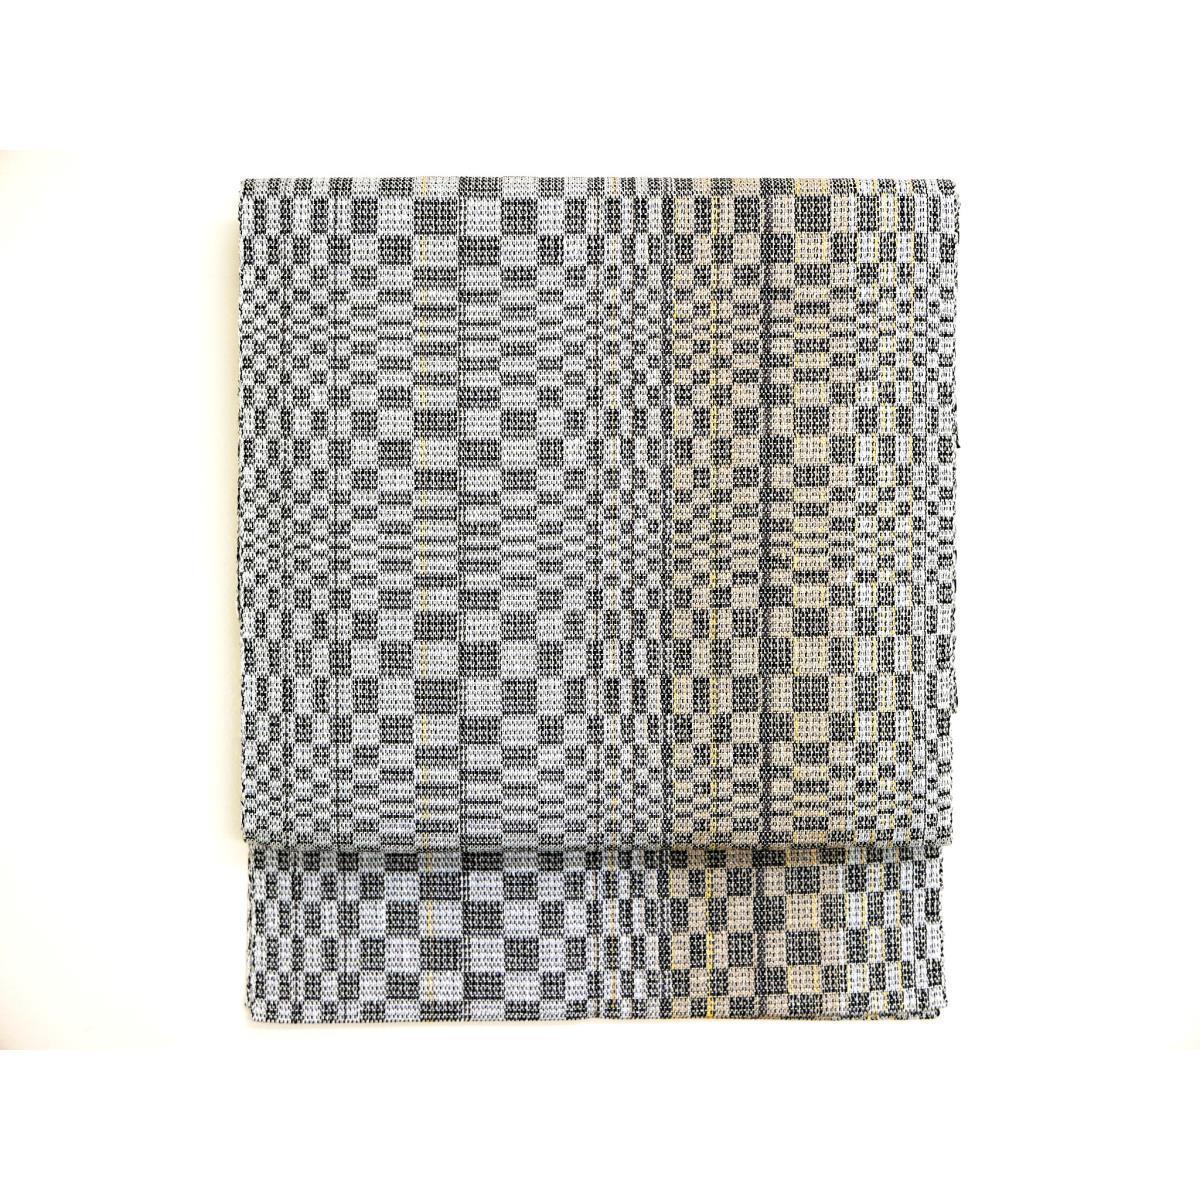 【未使用品】名古屋帯 和紙織【中古】